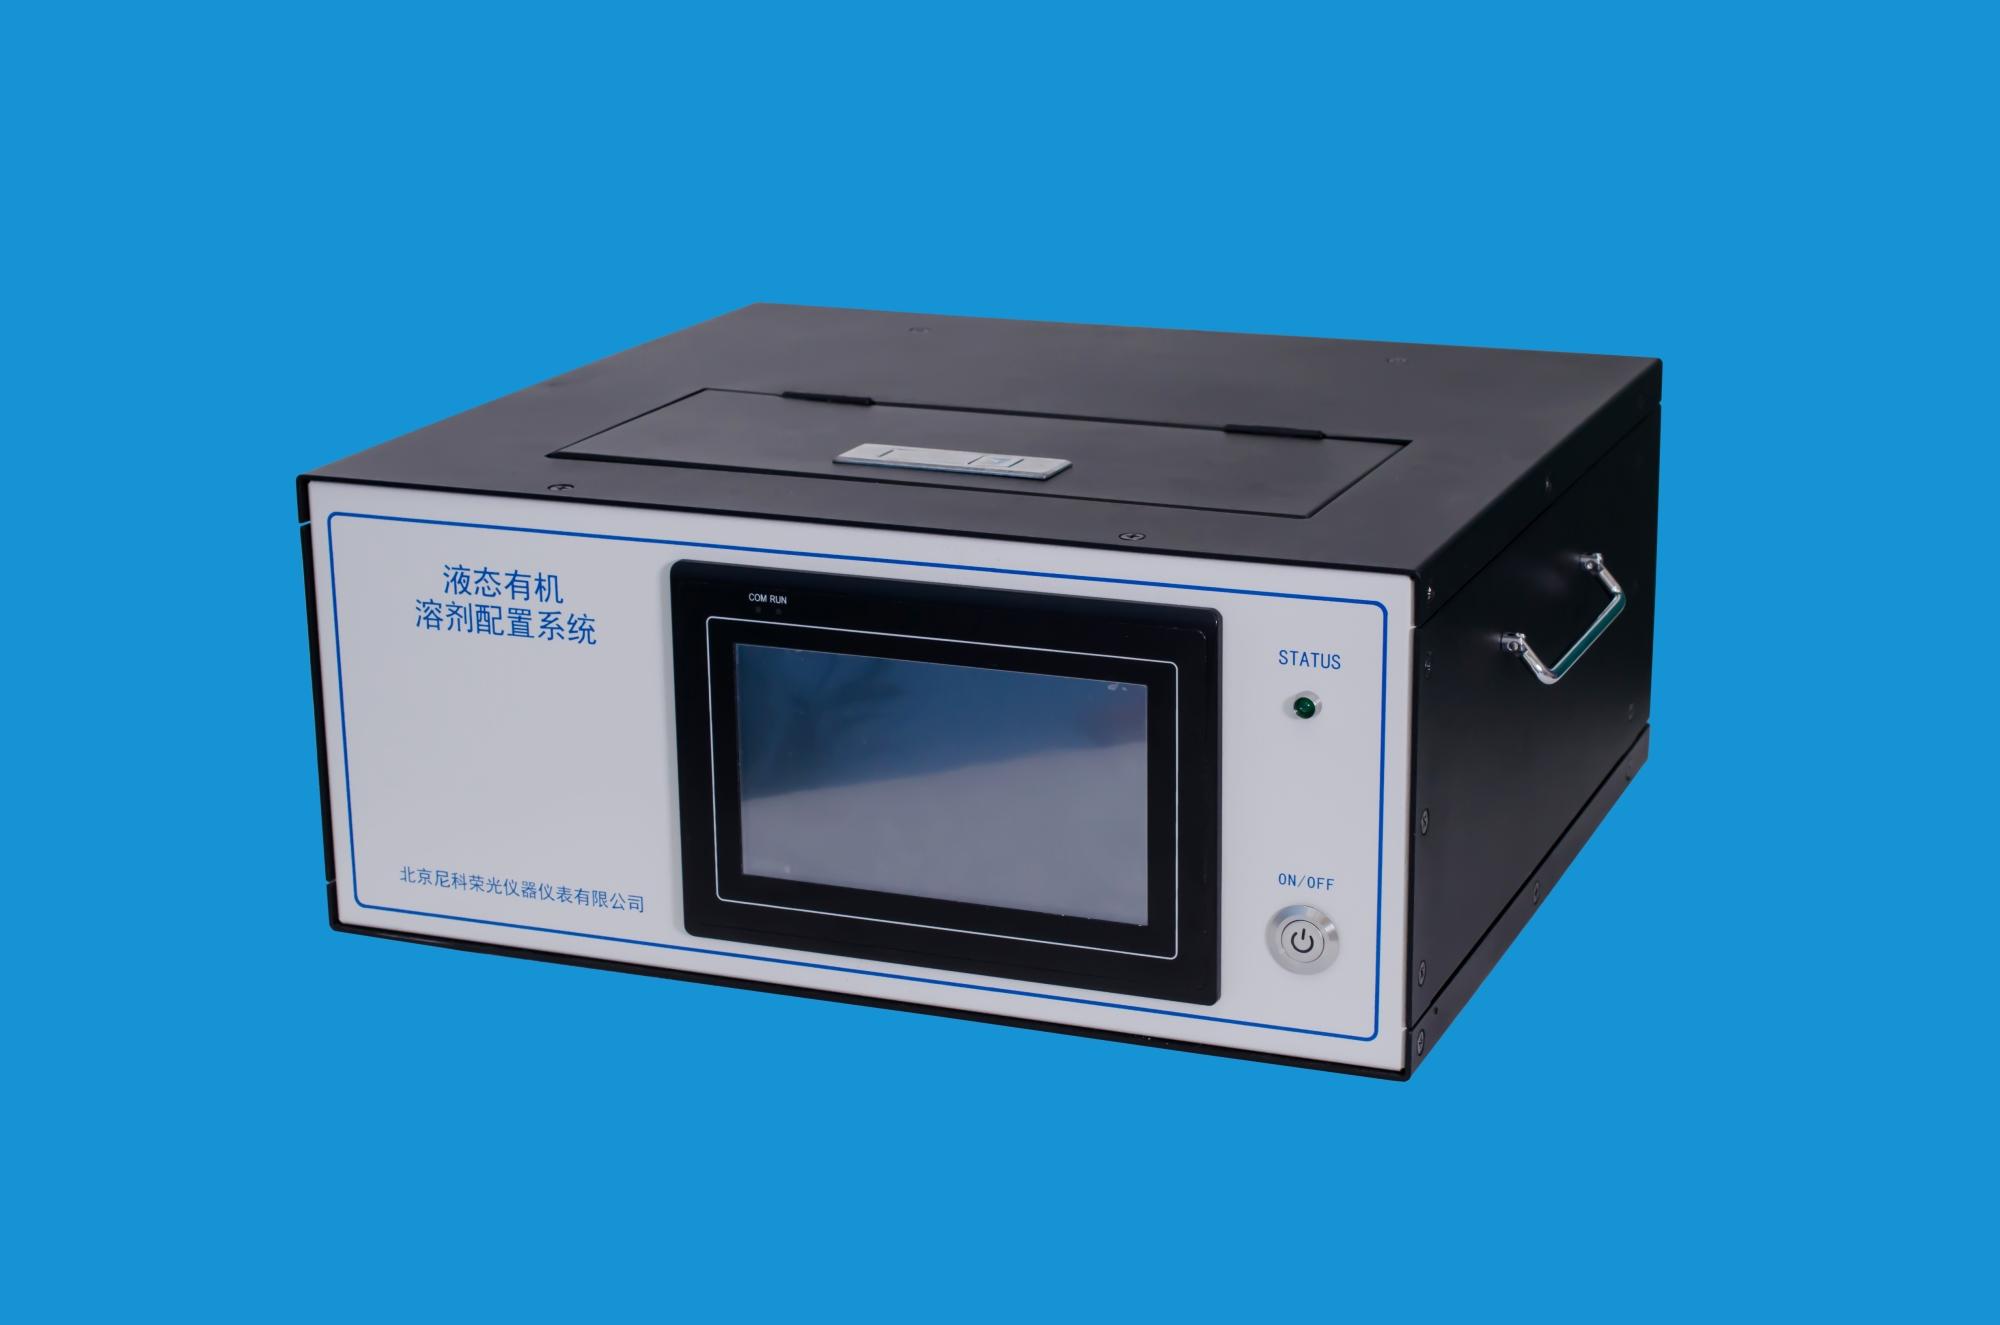 液態有機溶劑配氣系統 尼科儀器 GDS-L2 配制液態有機溶劑